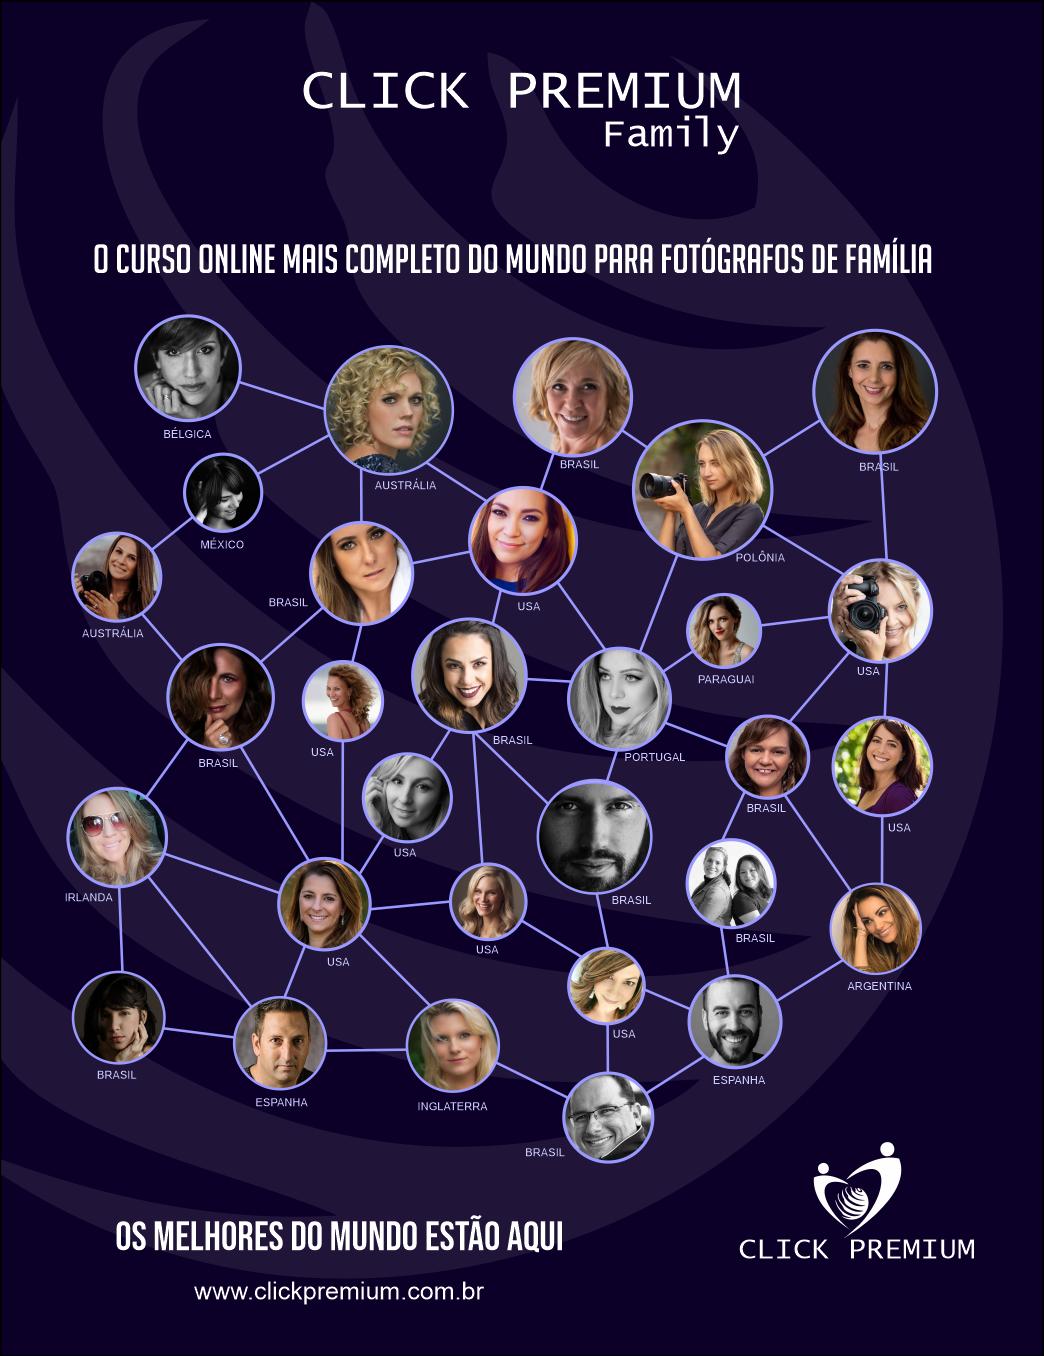 Imagem capa - Formação Online - Click Premium por ANDREIA  GARCIA